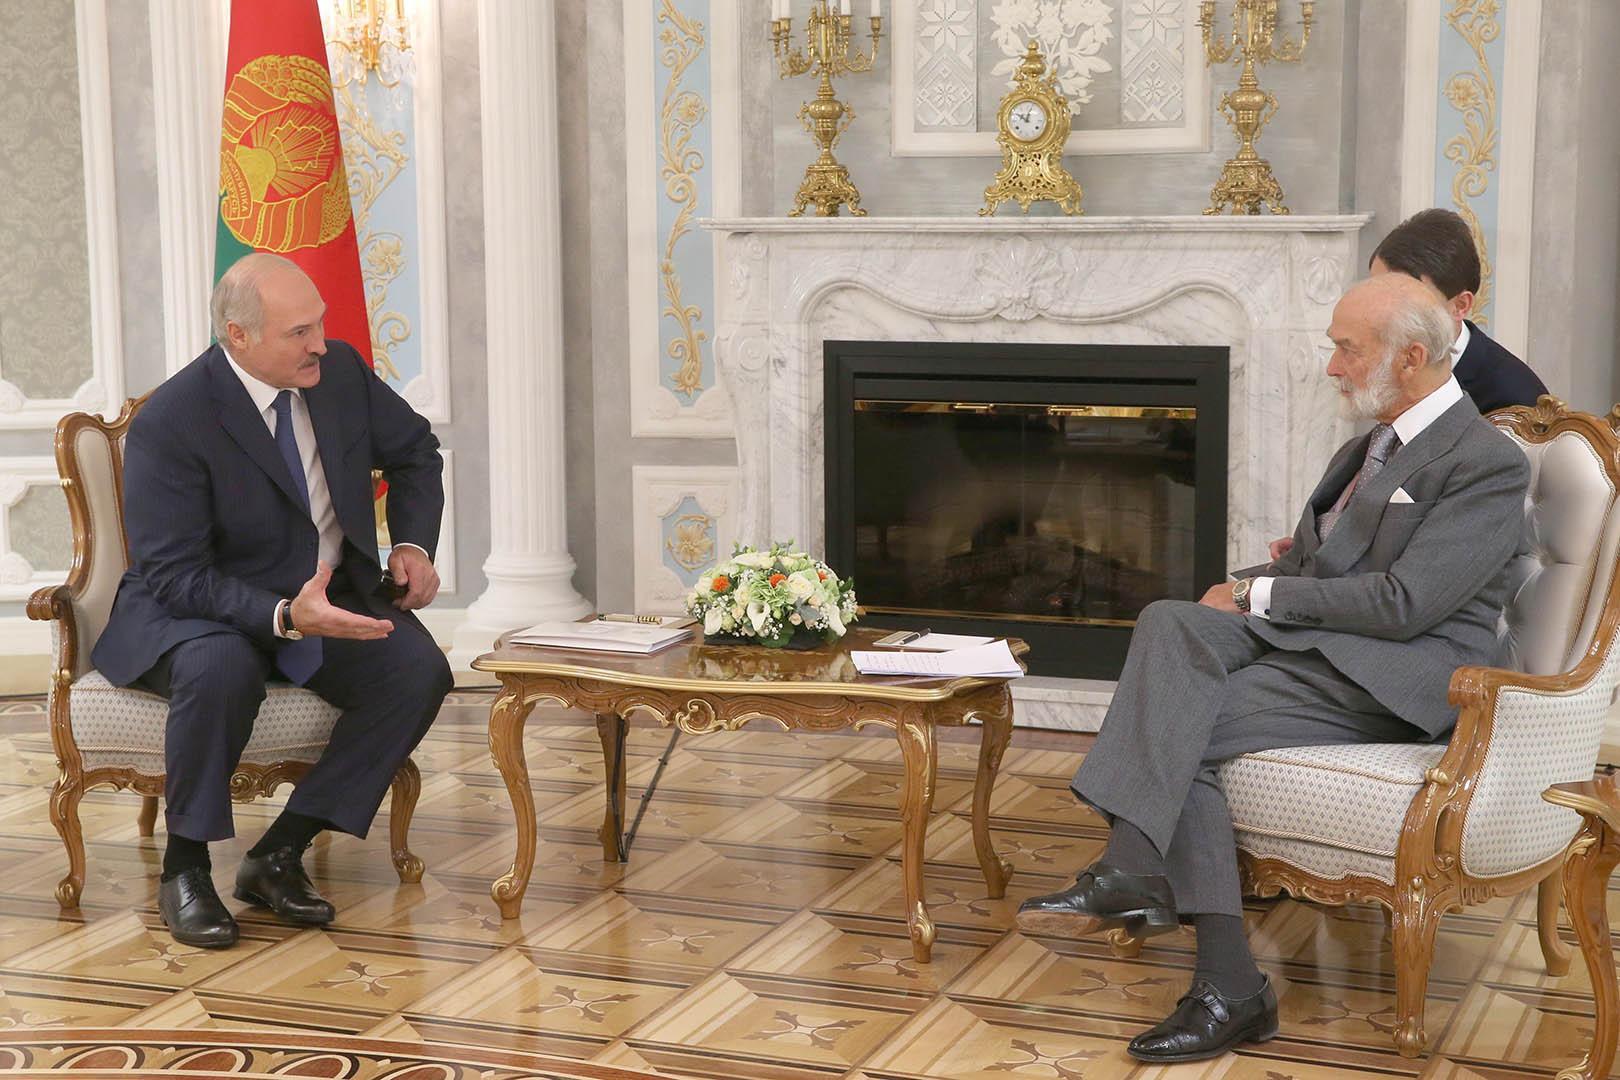 Принц Майкл Кентский встретился с президентом Александром Лукашенко. Фото: БелТА